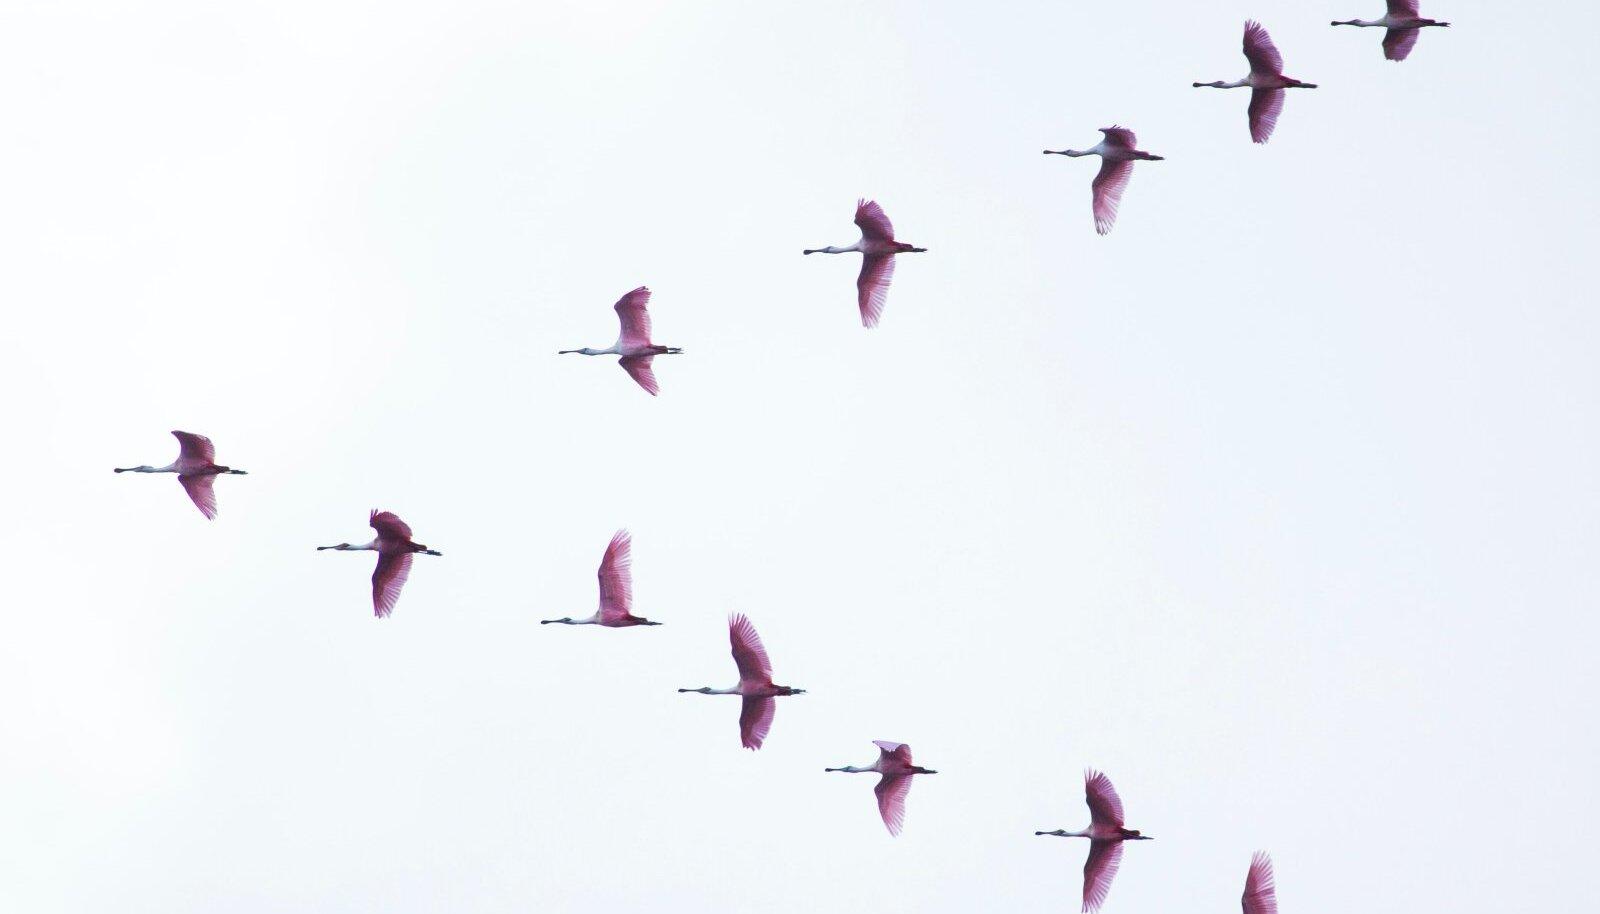 Parves lendamine aitab lindudel säästa ligi 20-30% energiat võrreldes üksi lendamisega.